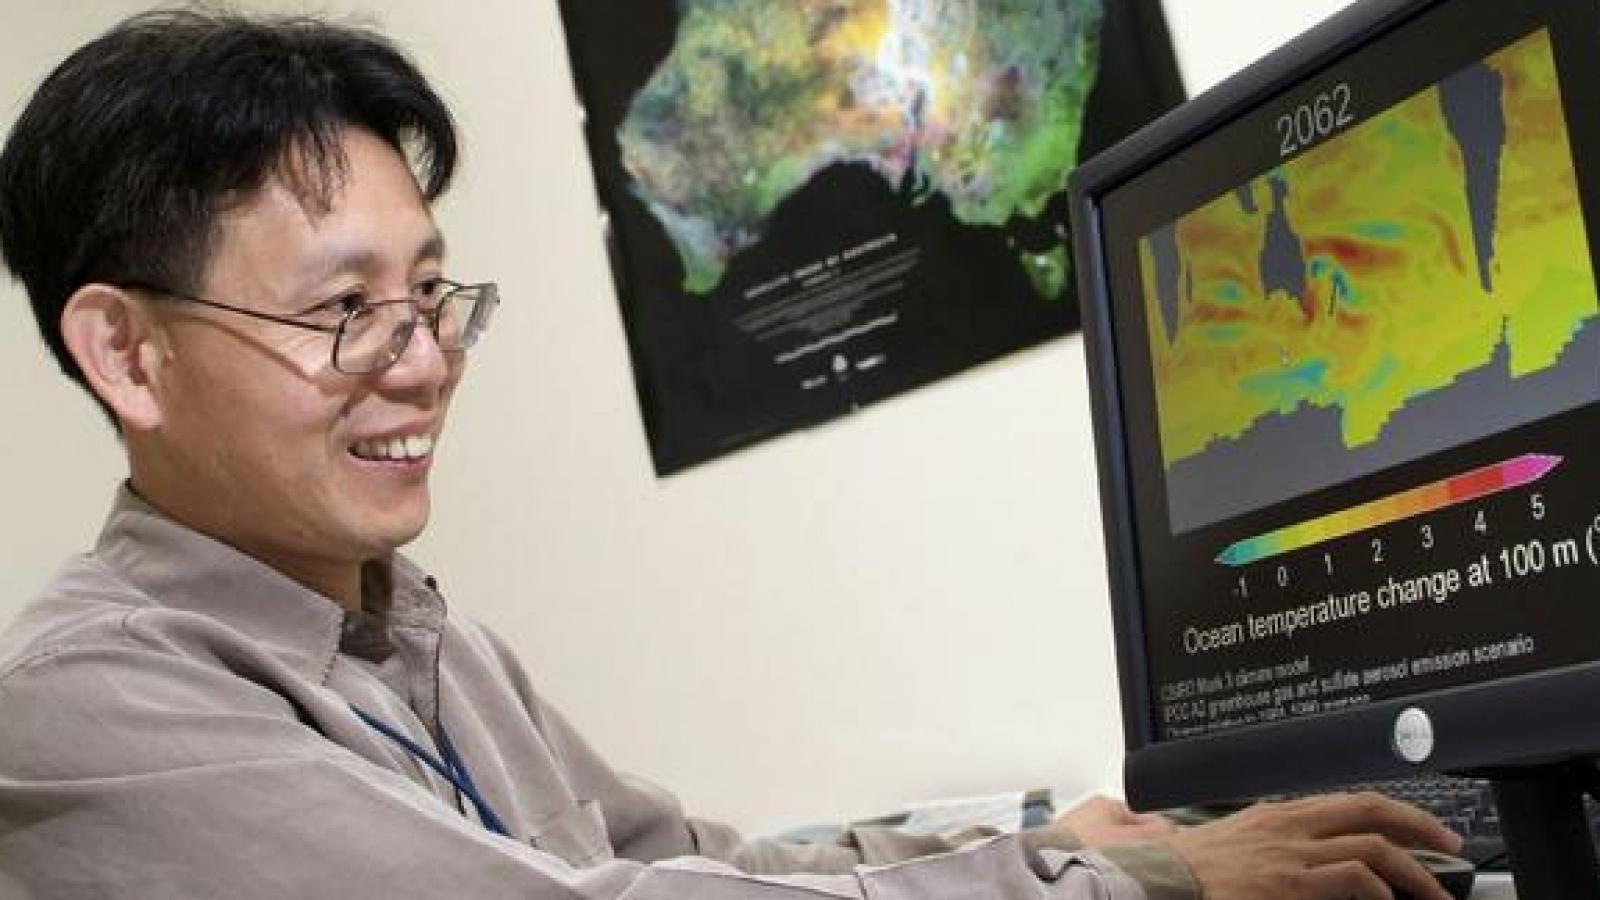 Cơ quan nghiên cứu Australia ngừng nghiên cứu về đại dương với Trung Quốc